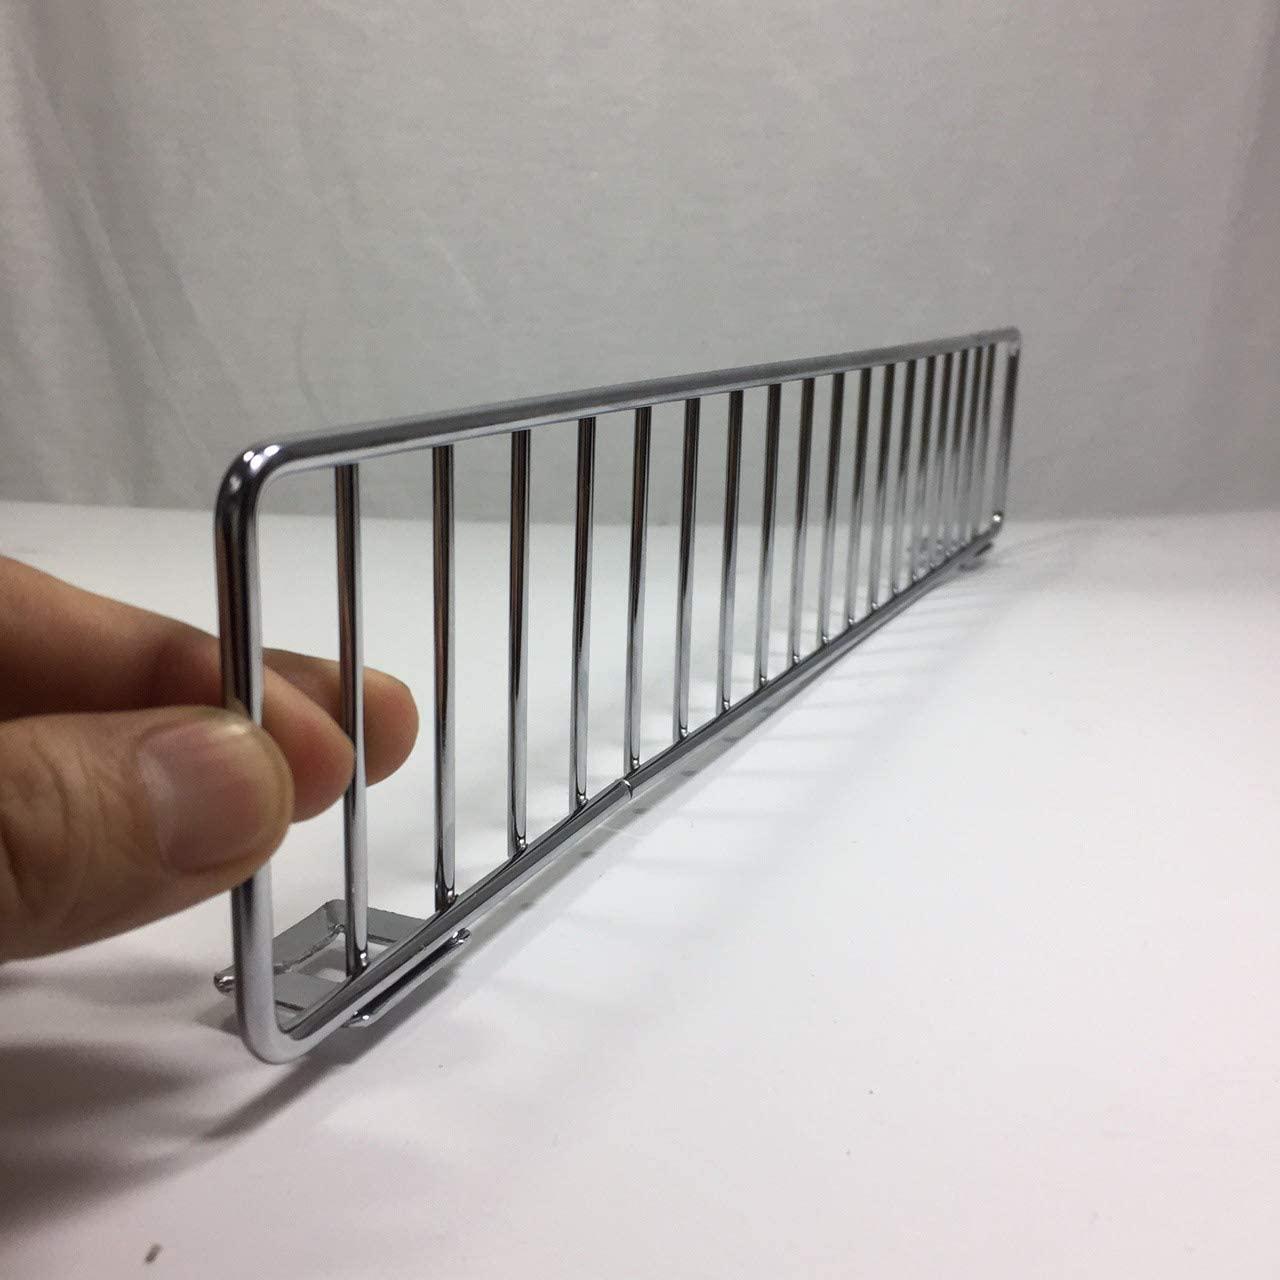 FixtureDisplays Wire Shelf Storage Organizer Dividers Partition 183-NF